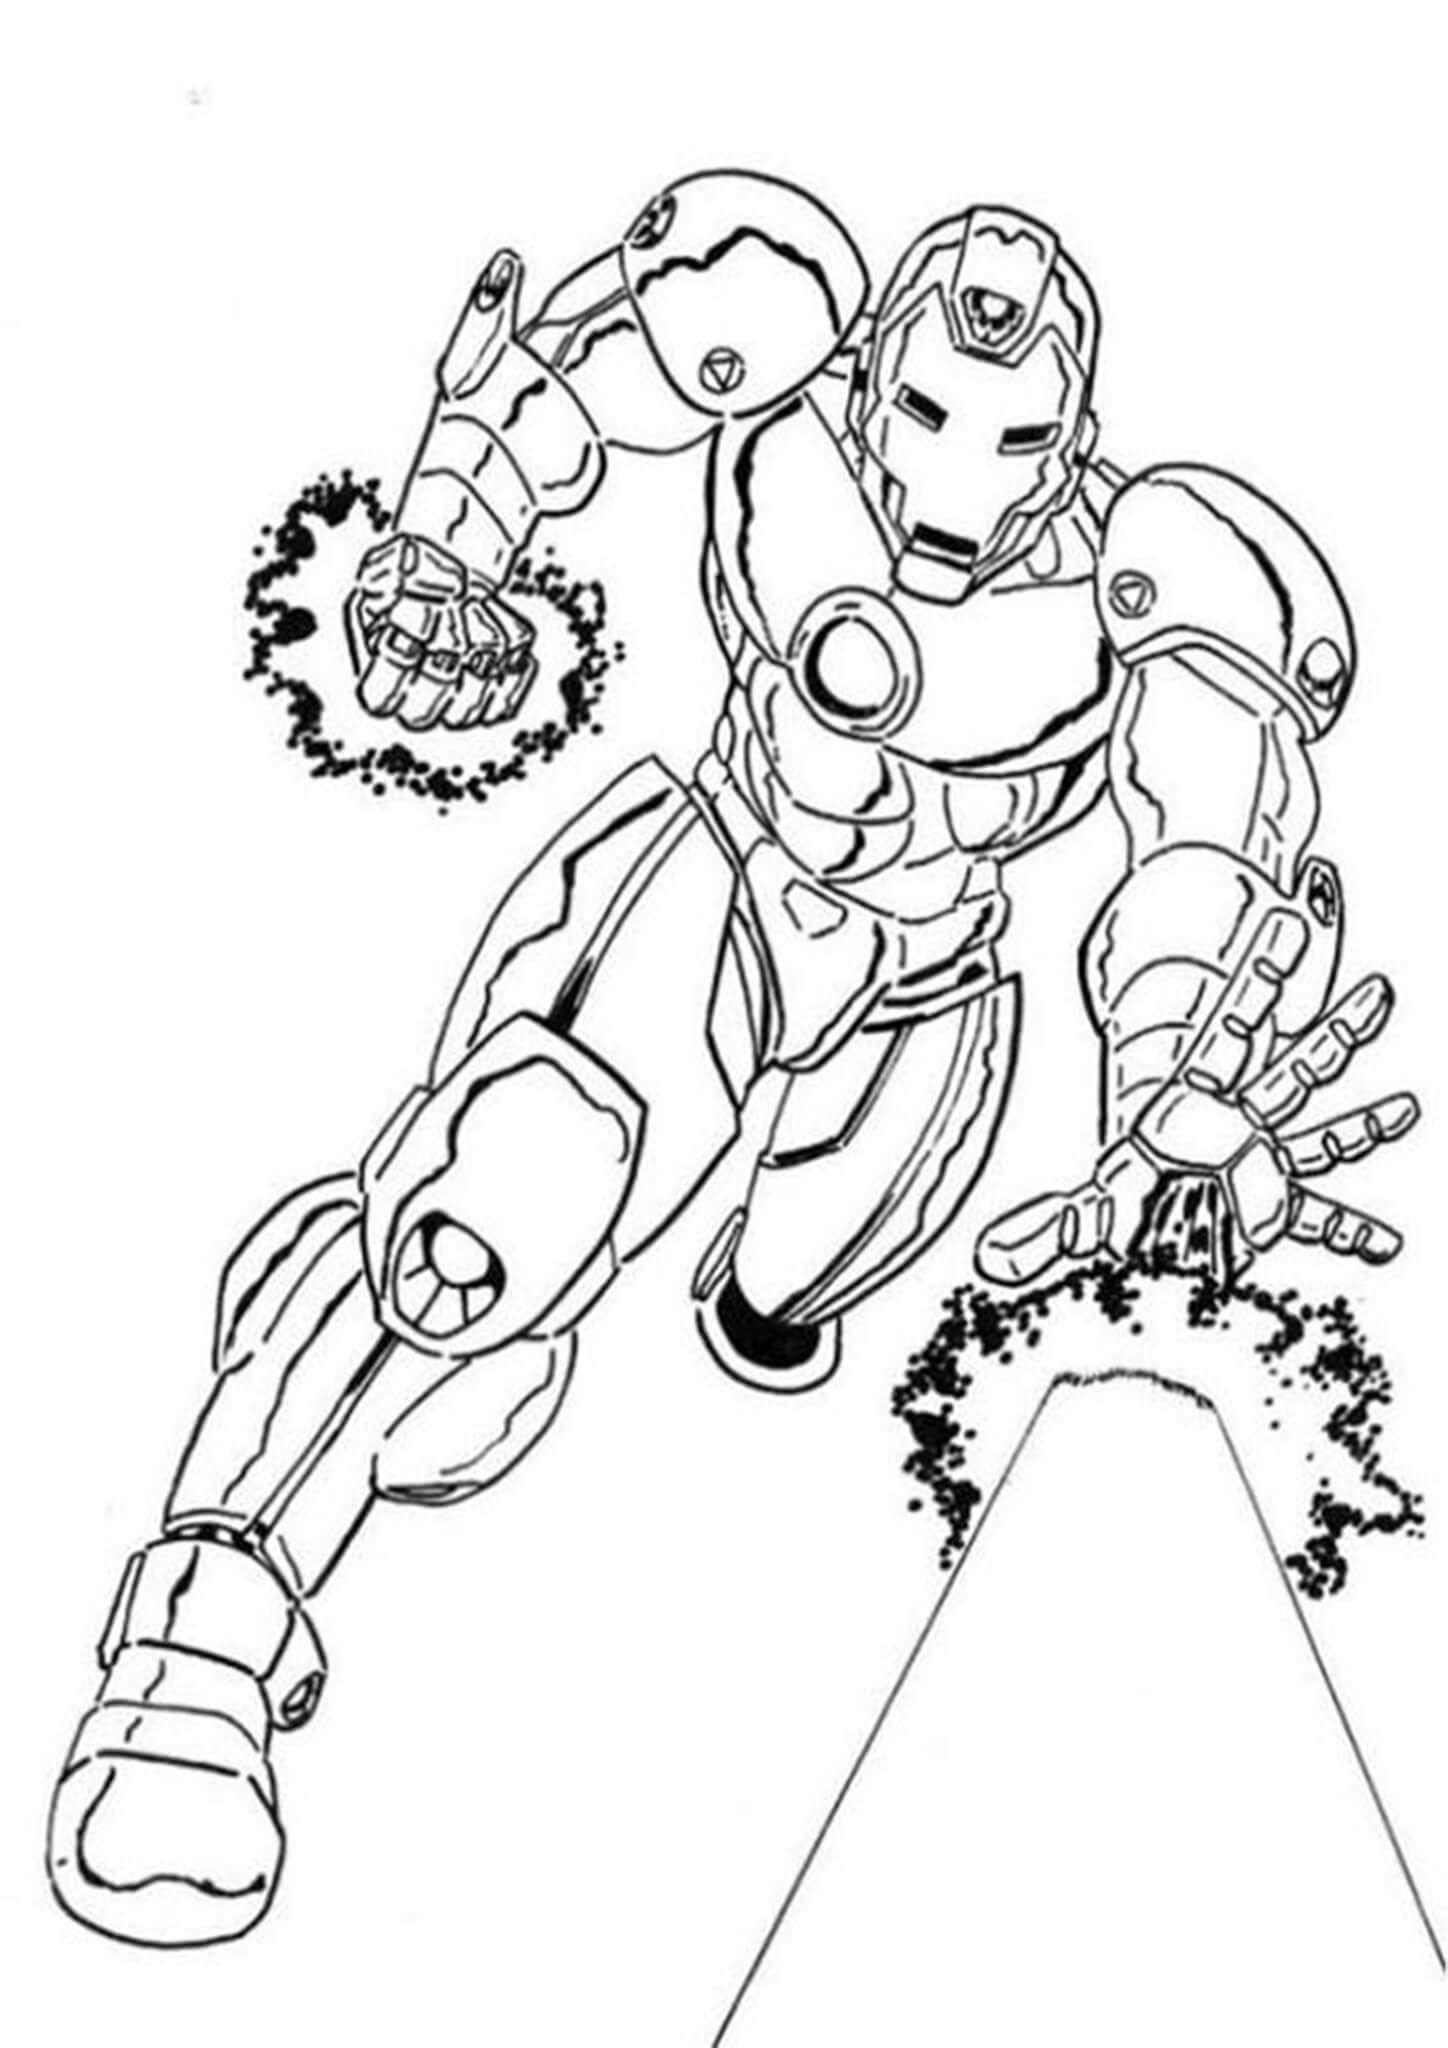 26859b1526e43a7fb32c98ea18b97d41 » Evil Ironman Coloring Pages